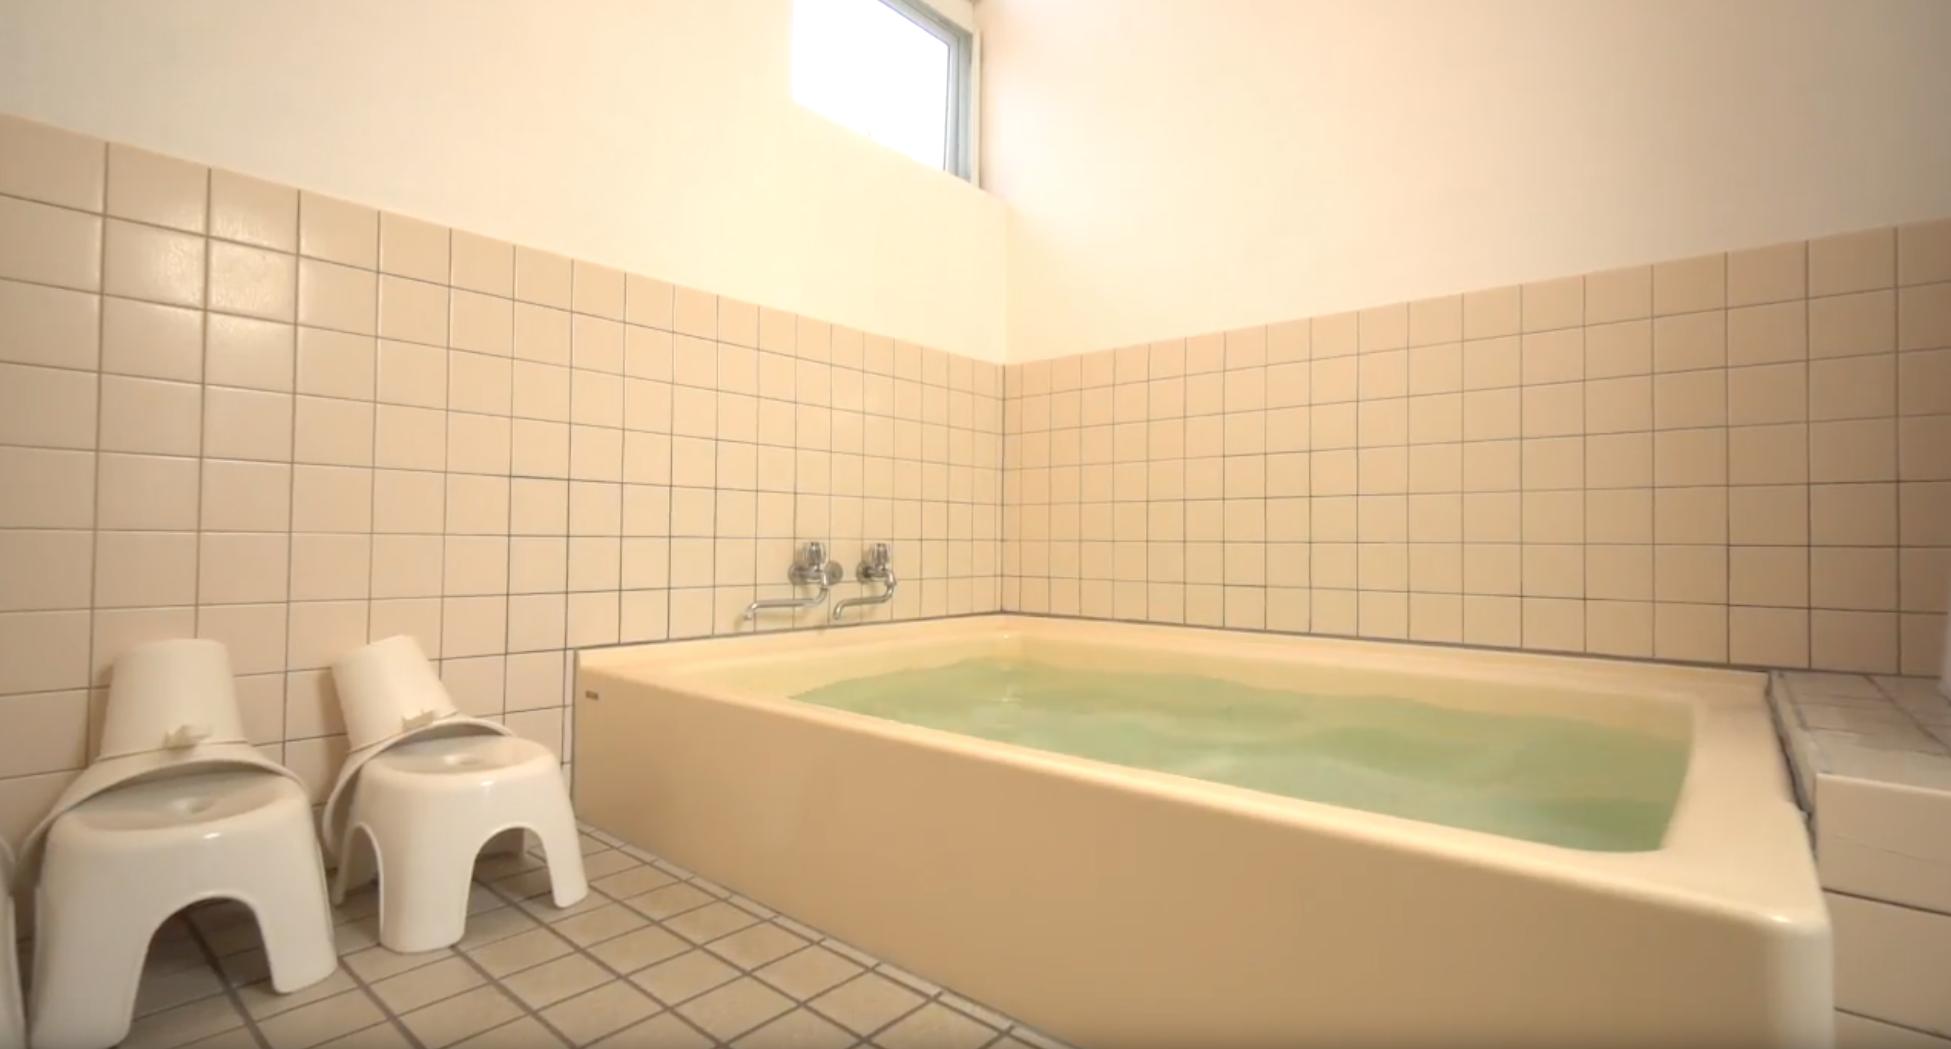 温泉の貸切(19:00~23:00)  ナトリウム・カルシウムー硫酸塩泉。塩分もなく優しいさらさらしたお湯です。男女に分かれた浴室。2〜3名グループさんで一回40分貸切を基本とします。(現地精算)